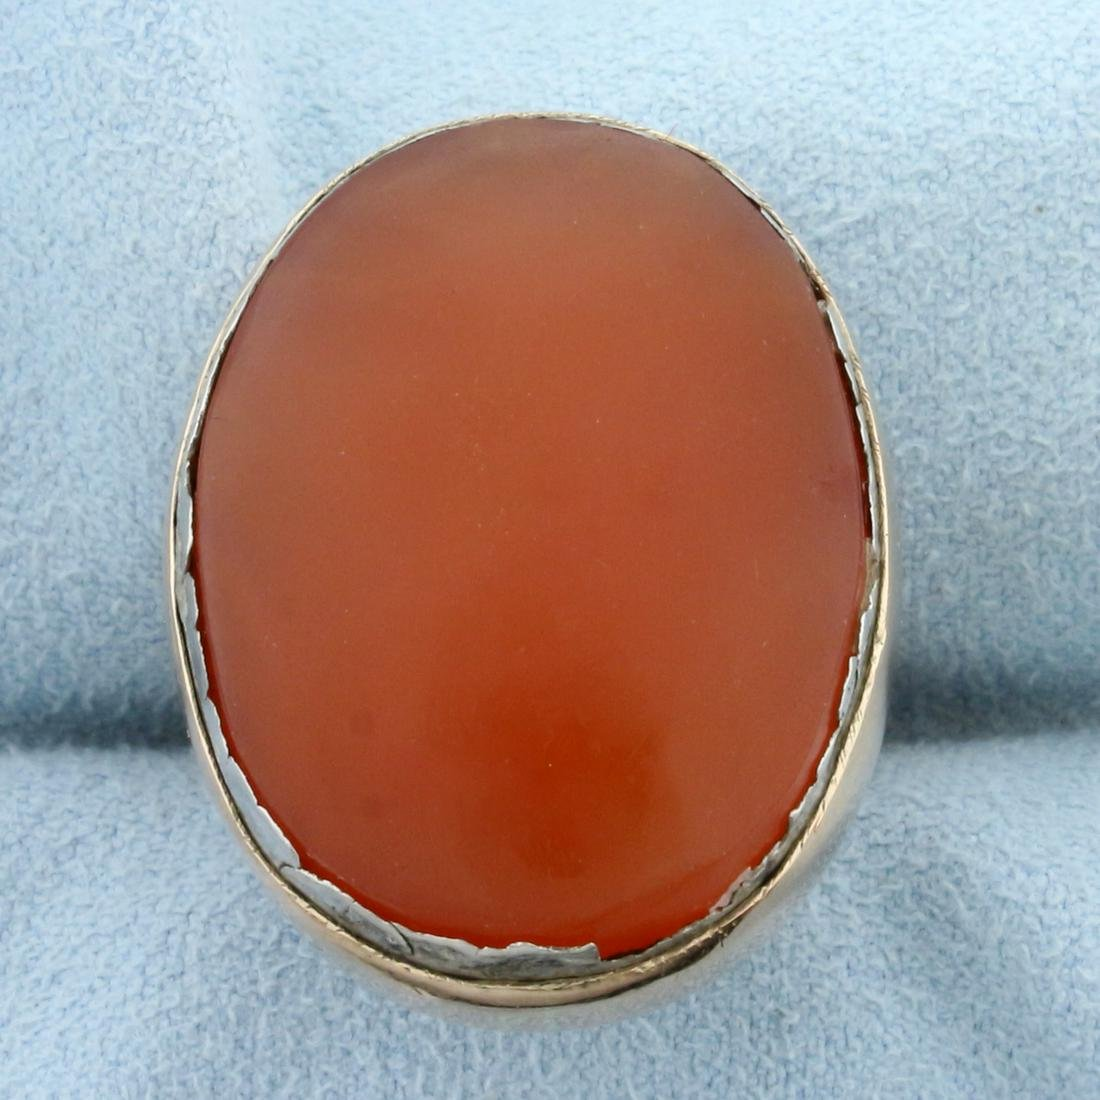 Unique Large Orange Agate Statement Ring in 14k Rose